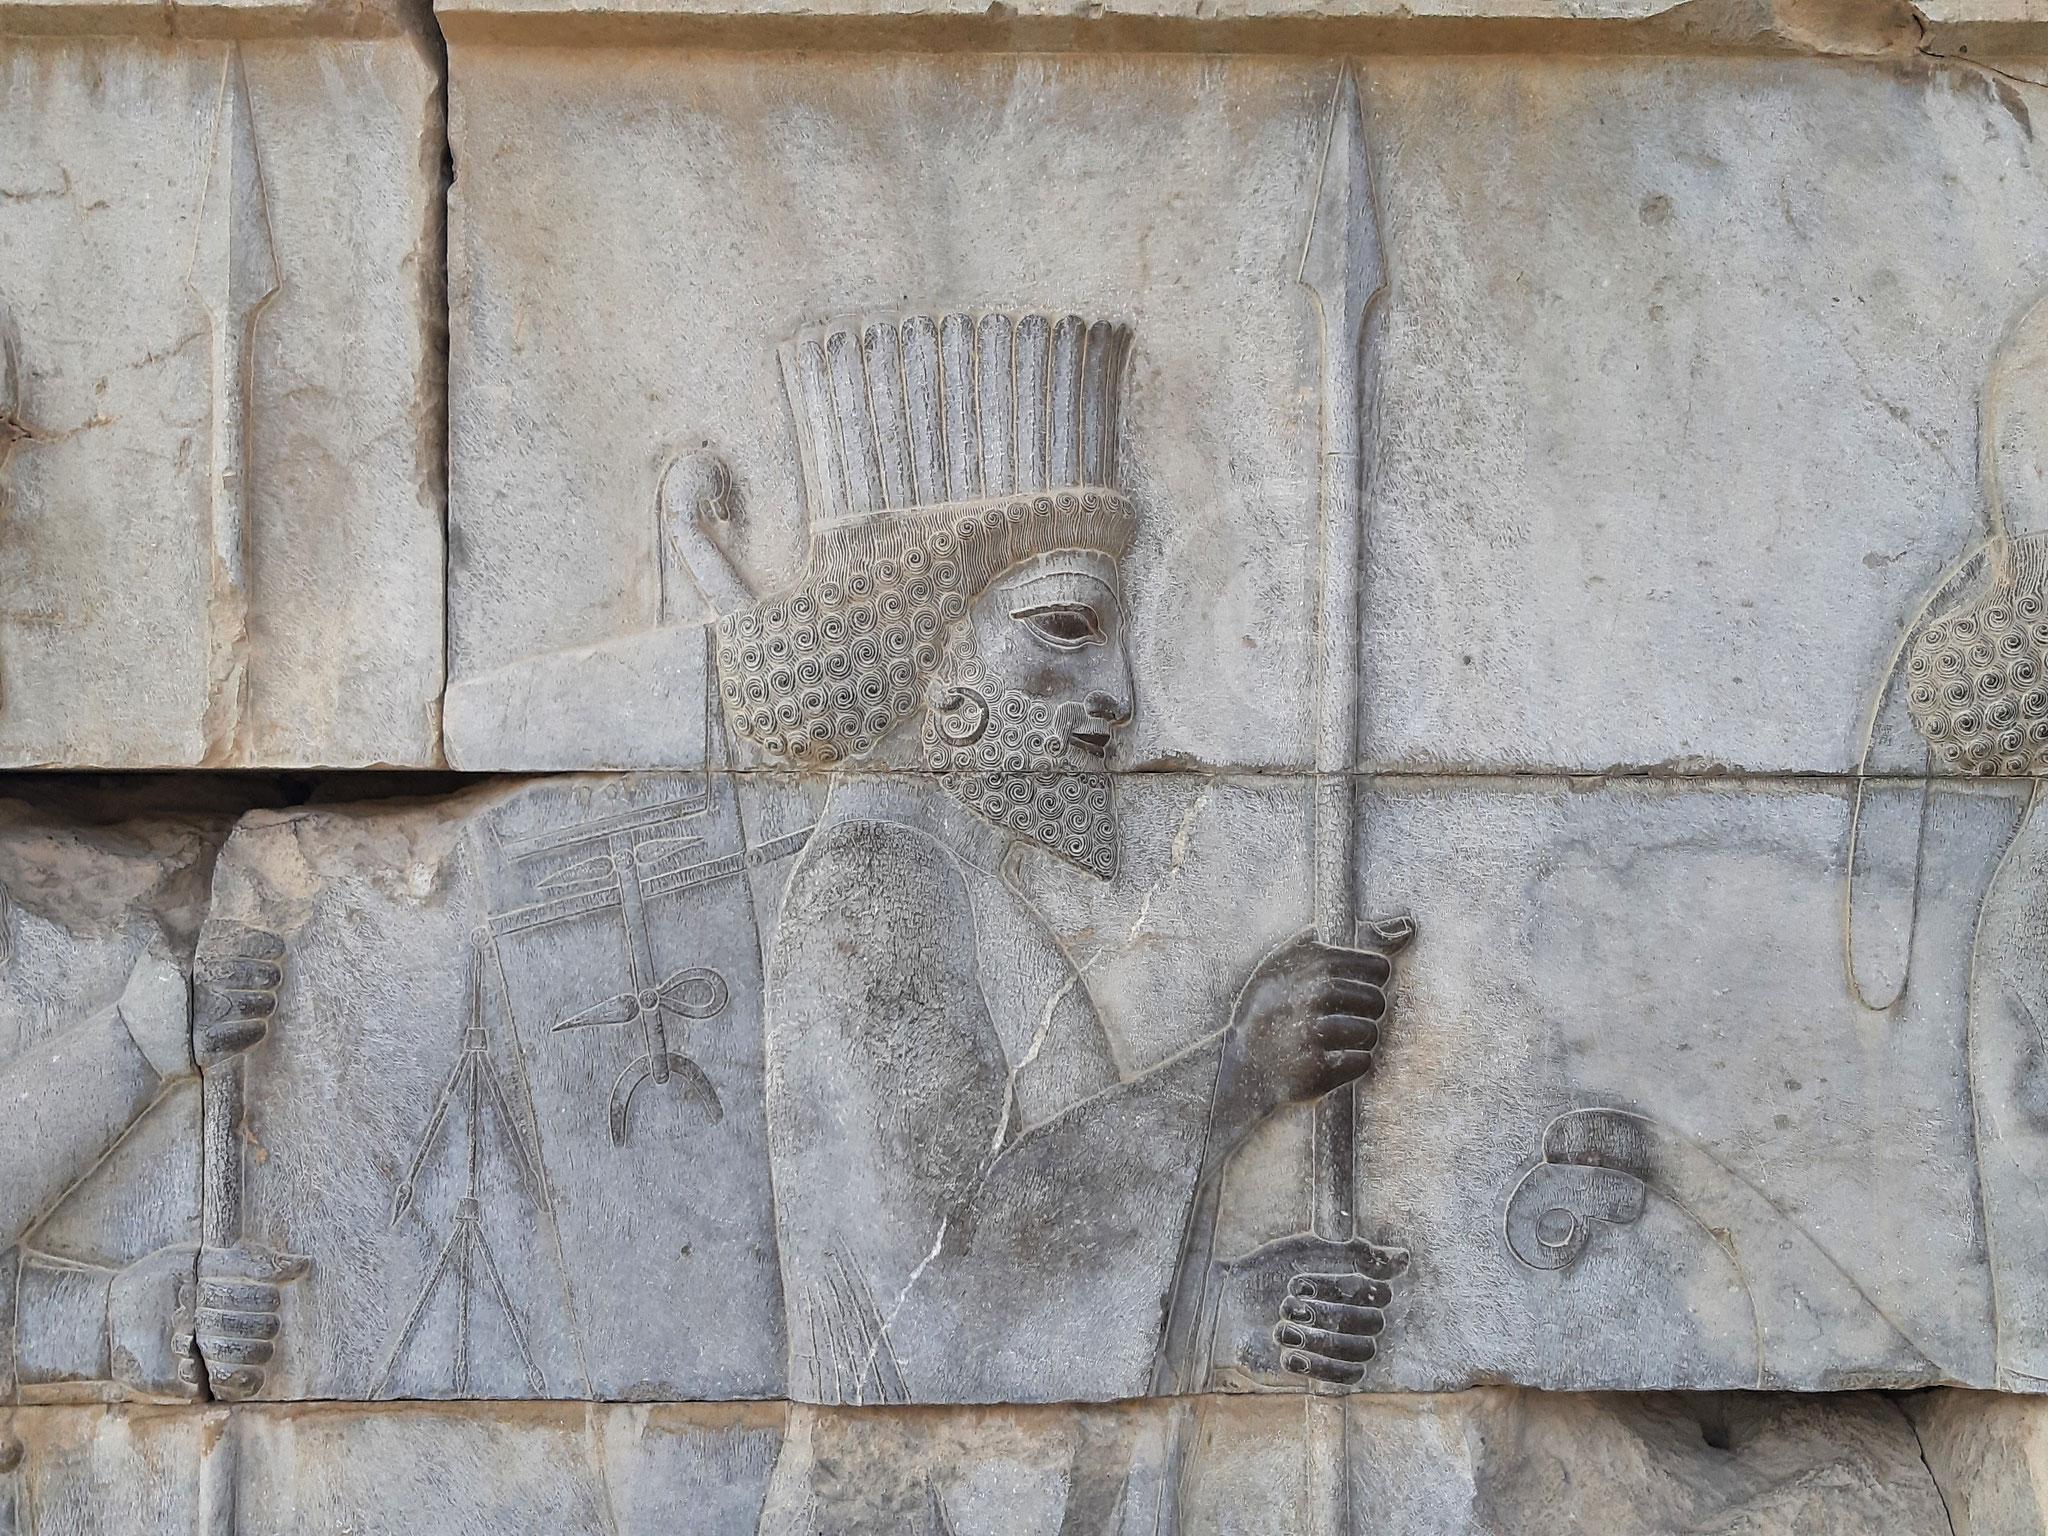 Dettaglio della scalinata d'accesso al Palazzo Triporte, o Tripylon - Persepoli (Iran)